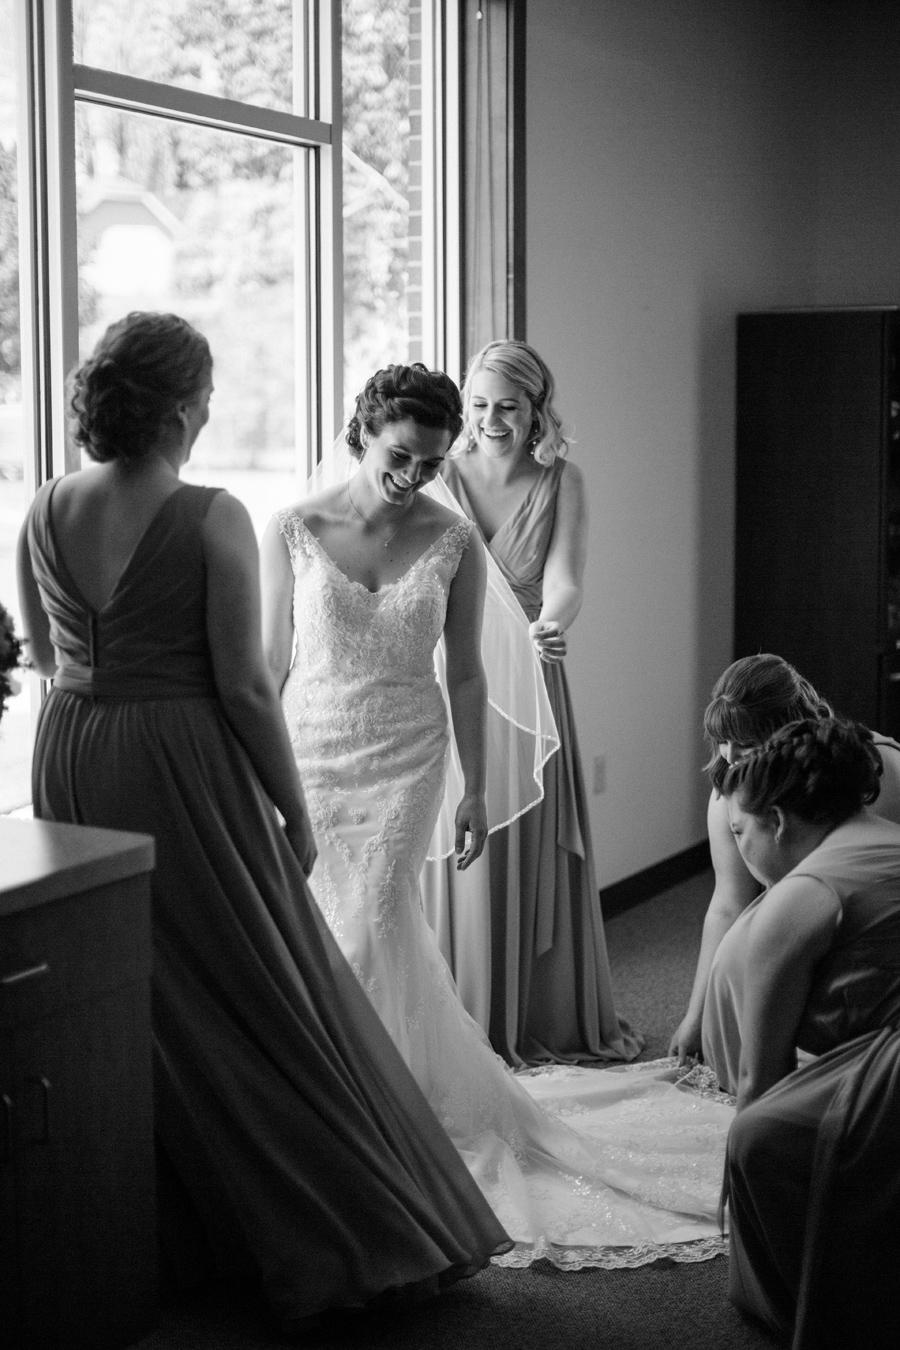 lambeaufieldwedding011.jpg